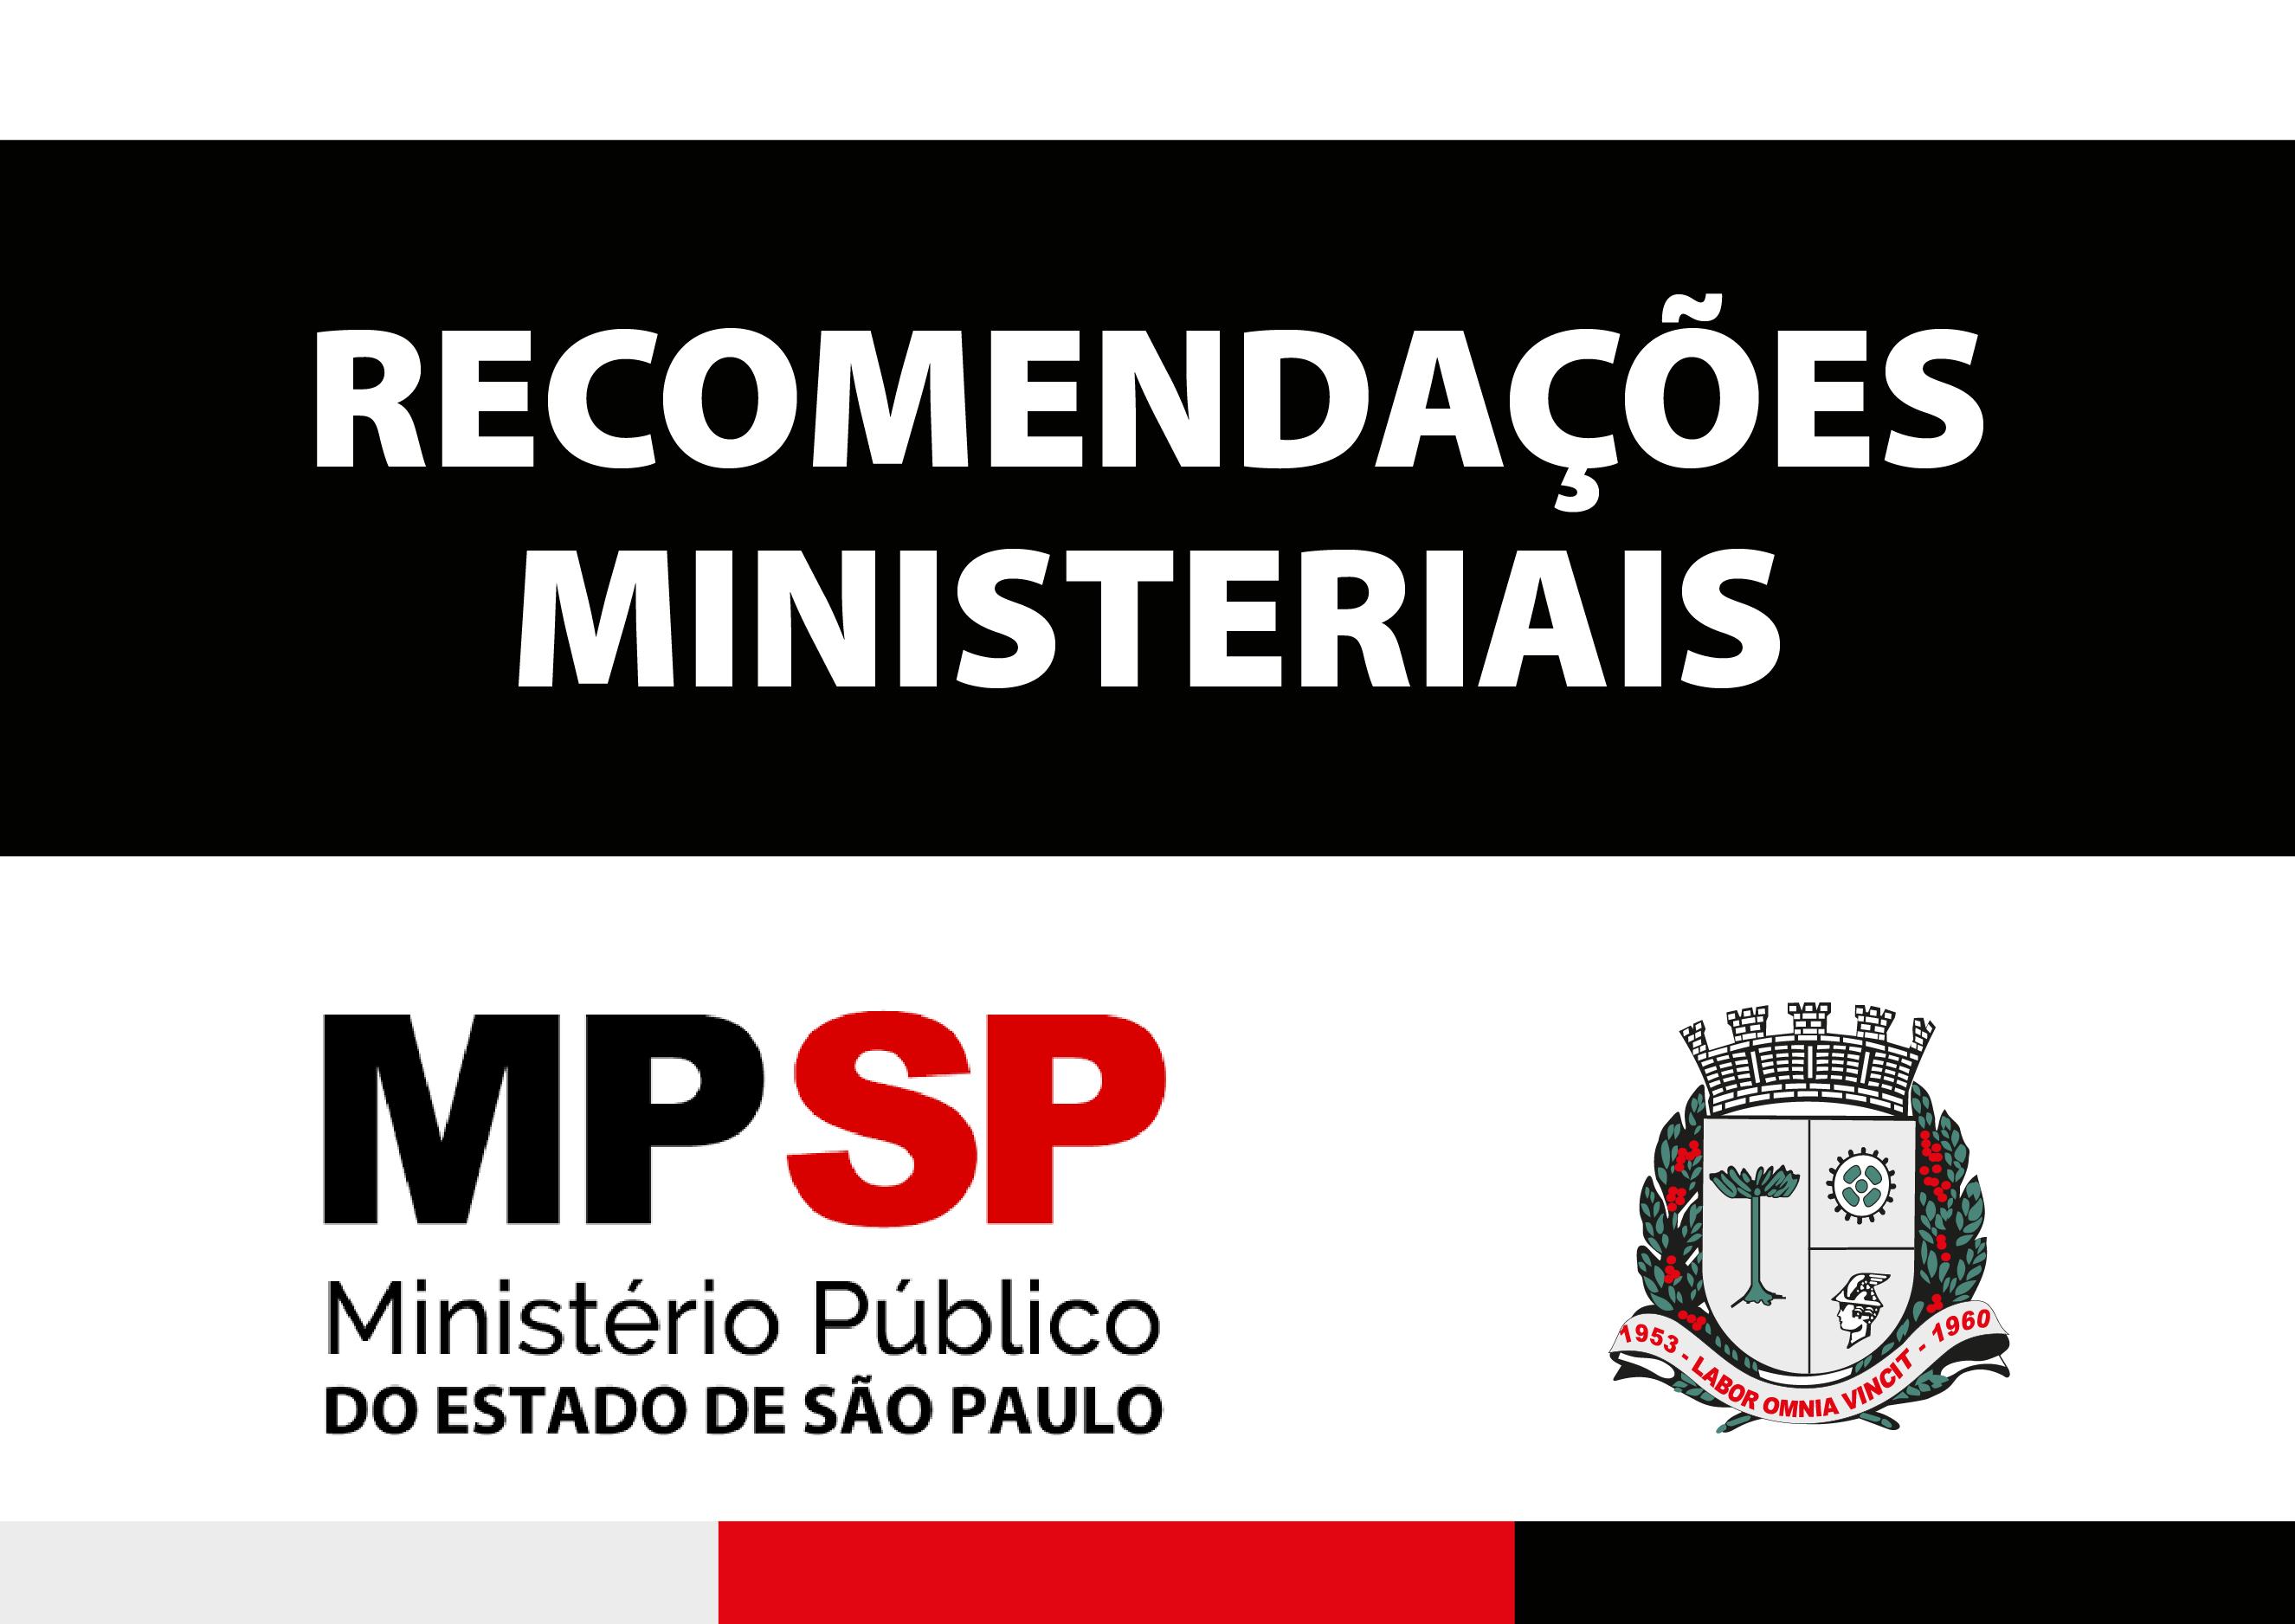 Recomendações Ministeriais